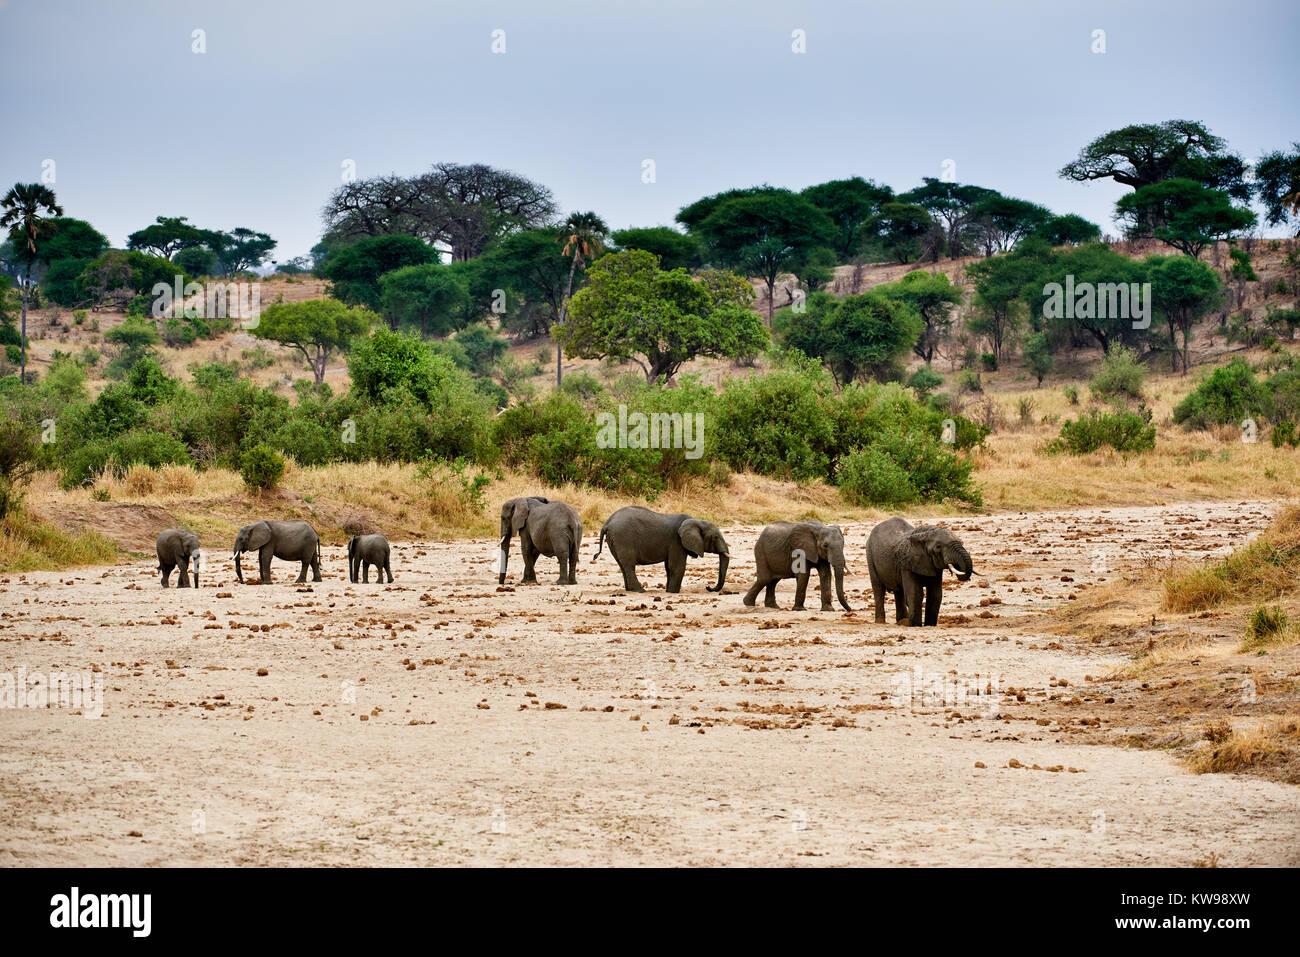 Manada de elefantes bush africano, Loxodonta africana, en el Parque Nacional Tarangire, Tanzania, África Imagen De Stock